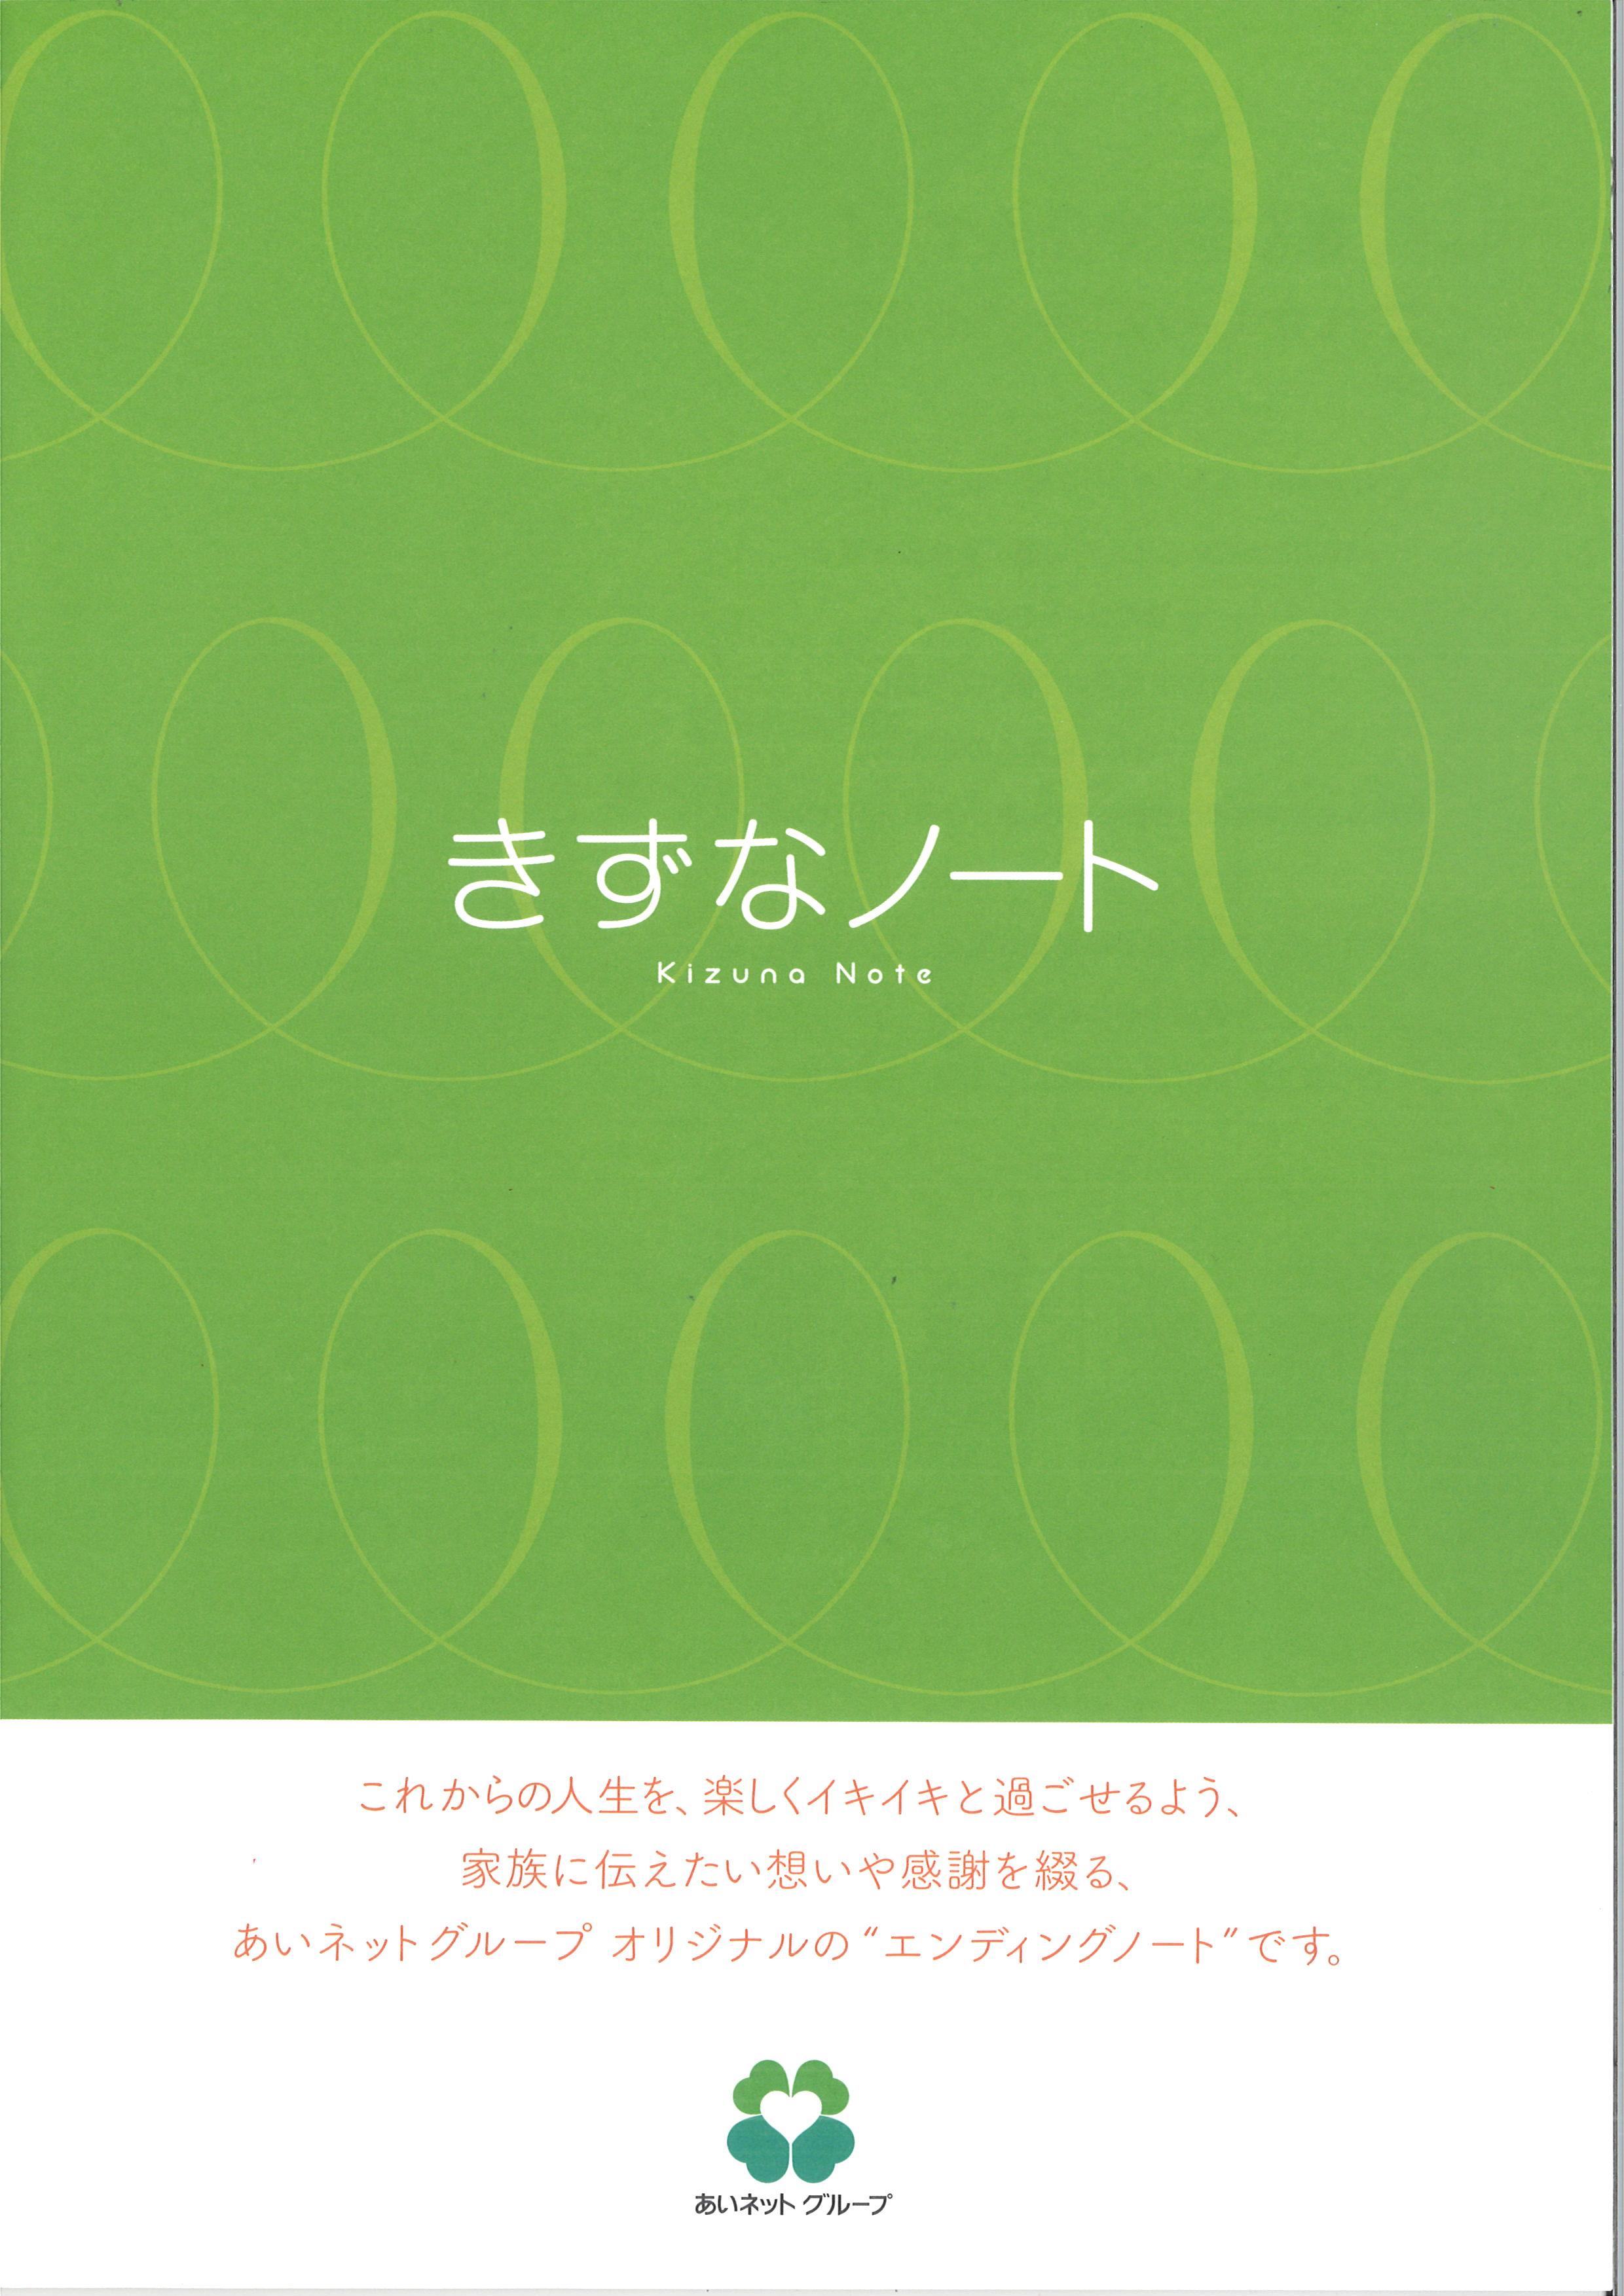 1月26日エンディングノートセミナーin金谷